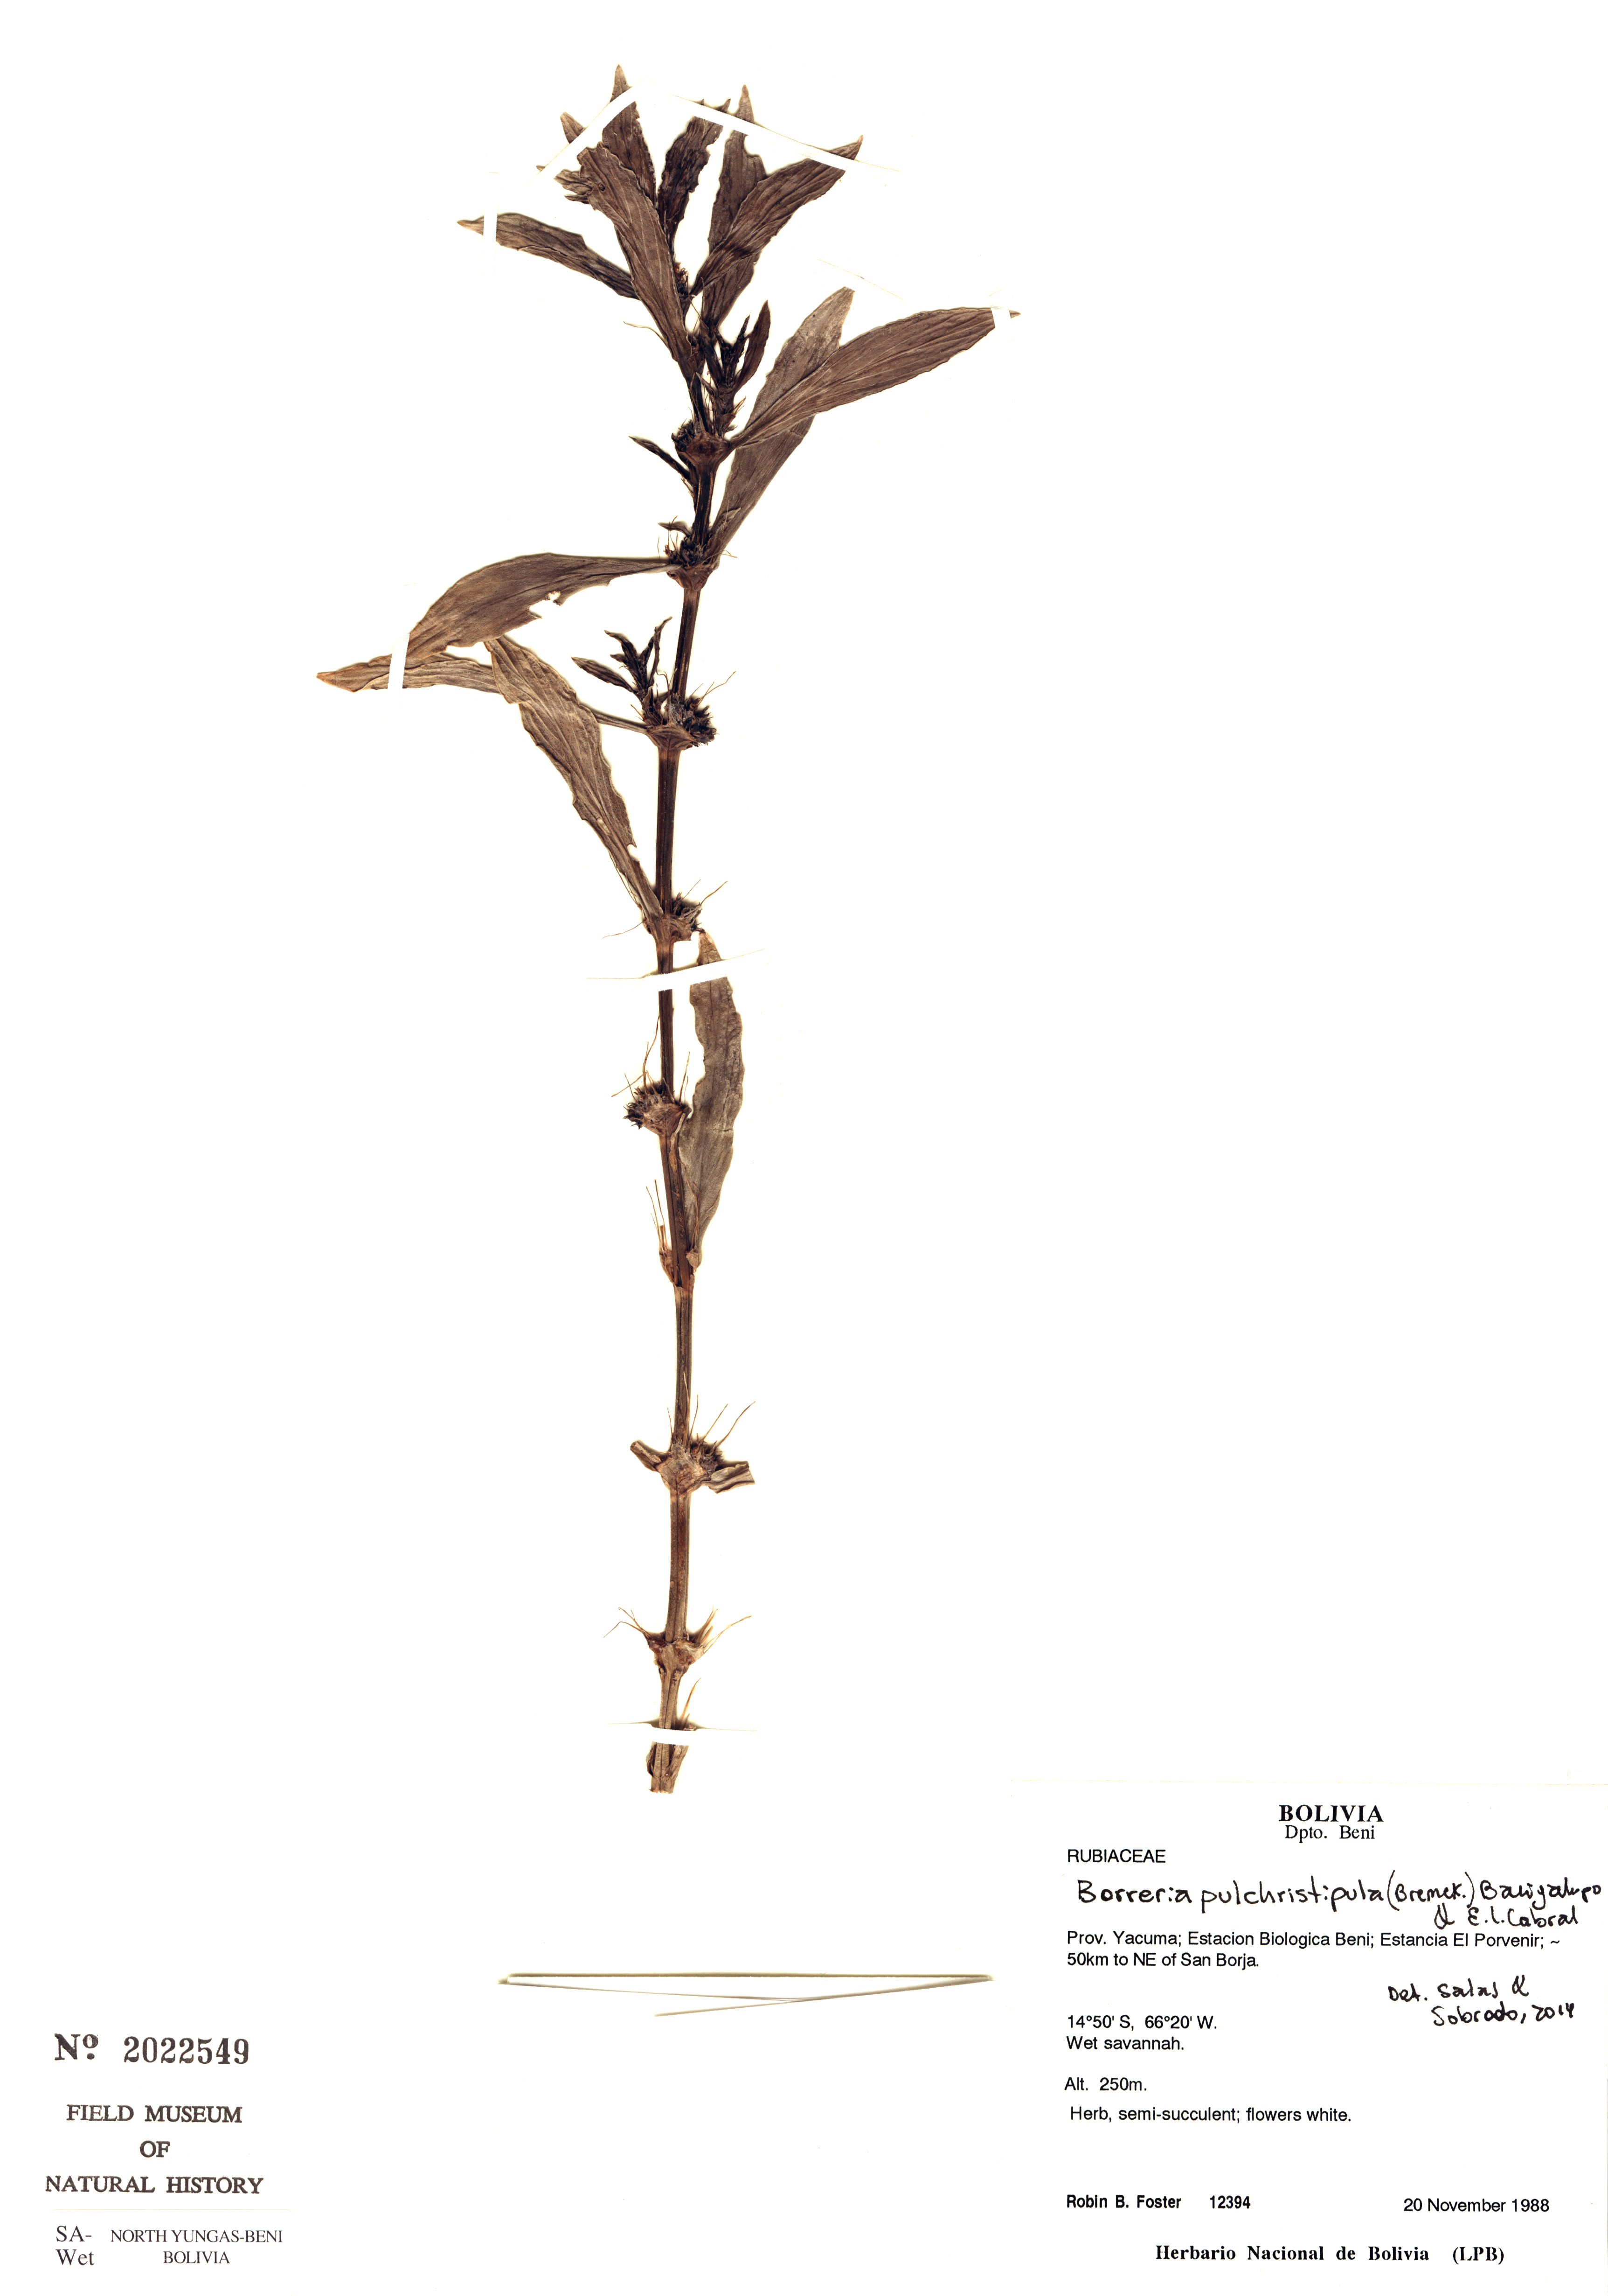 Specimen: Borreria pulchristipula